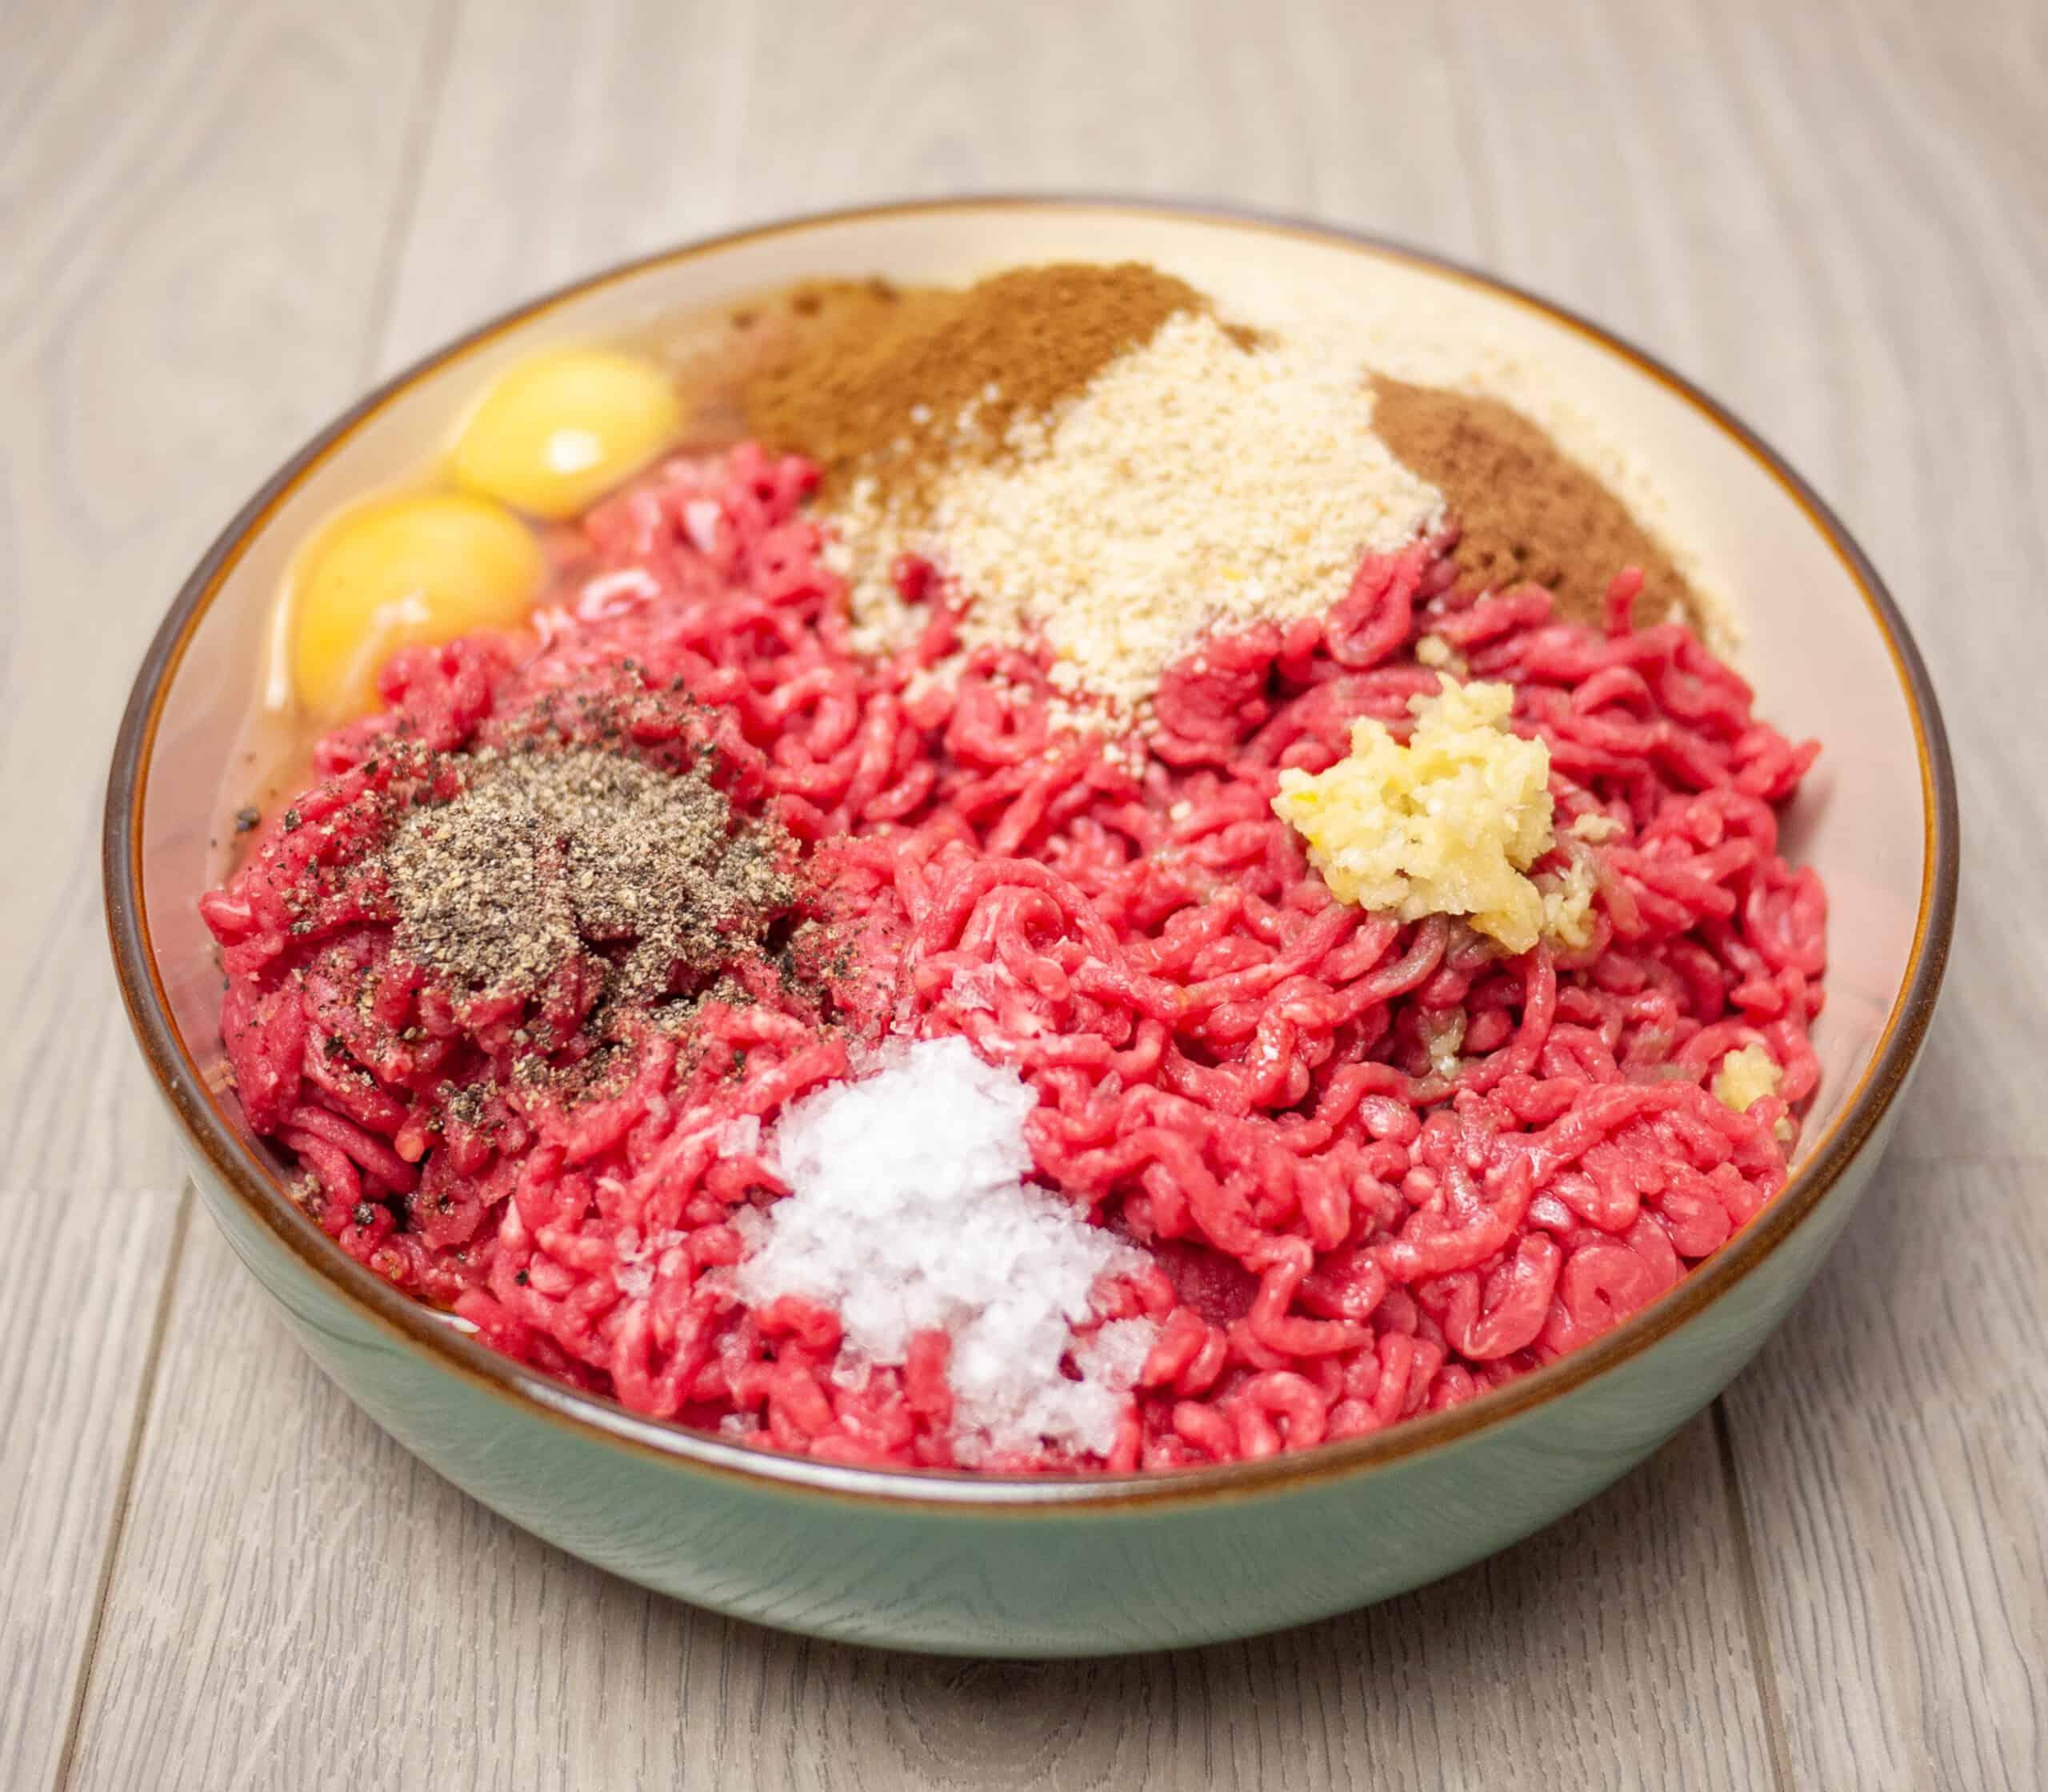 Traditional Soutzoukakia recipe ingredients